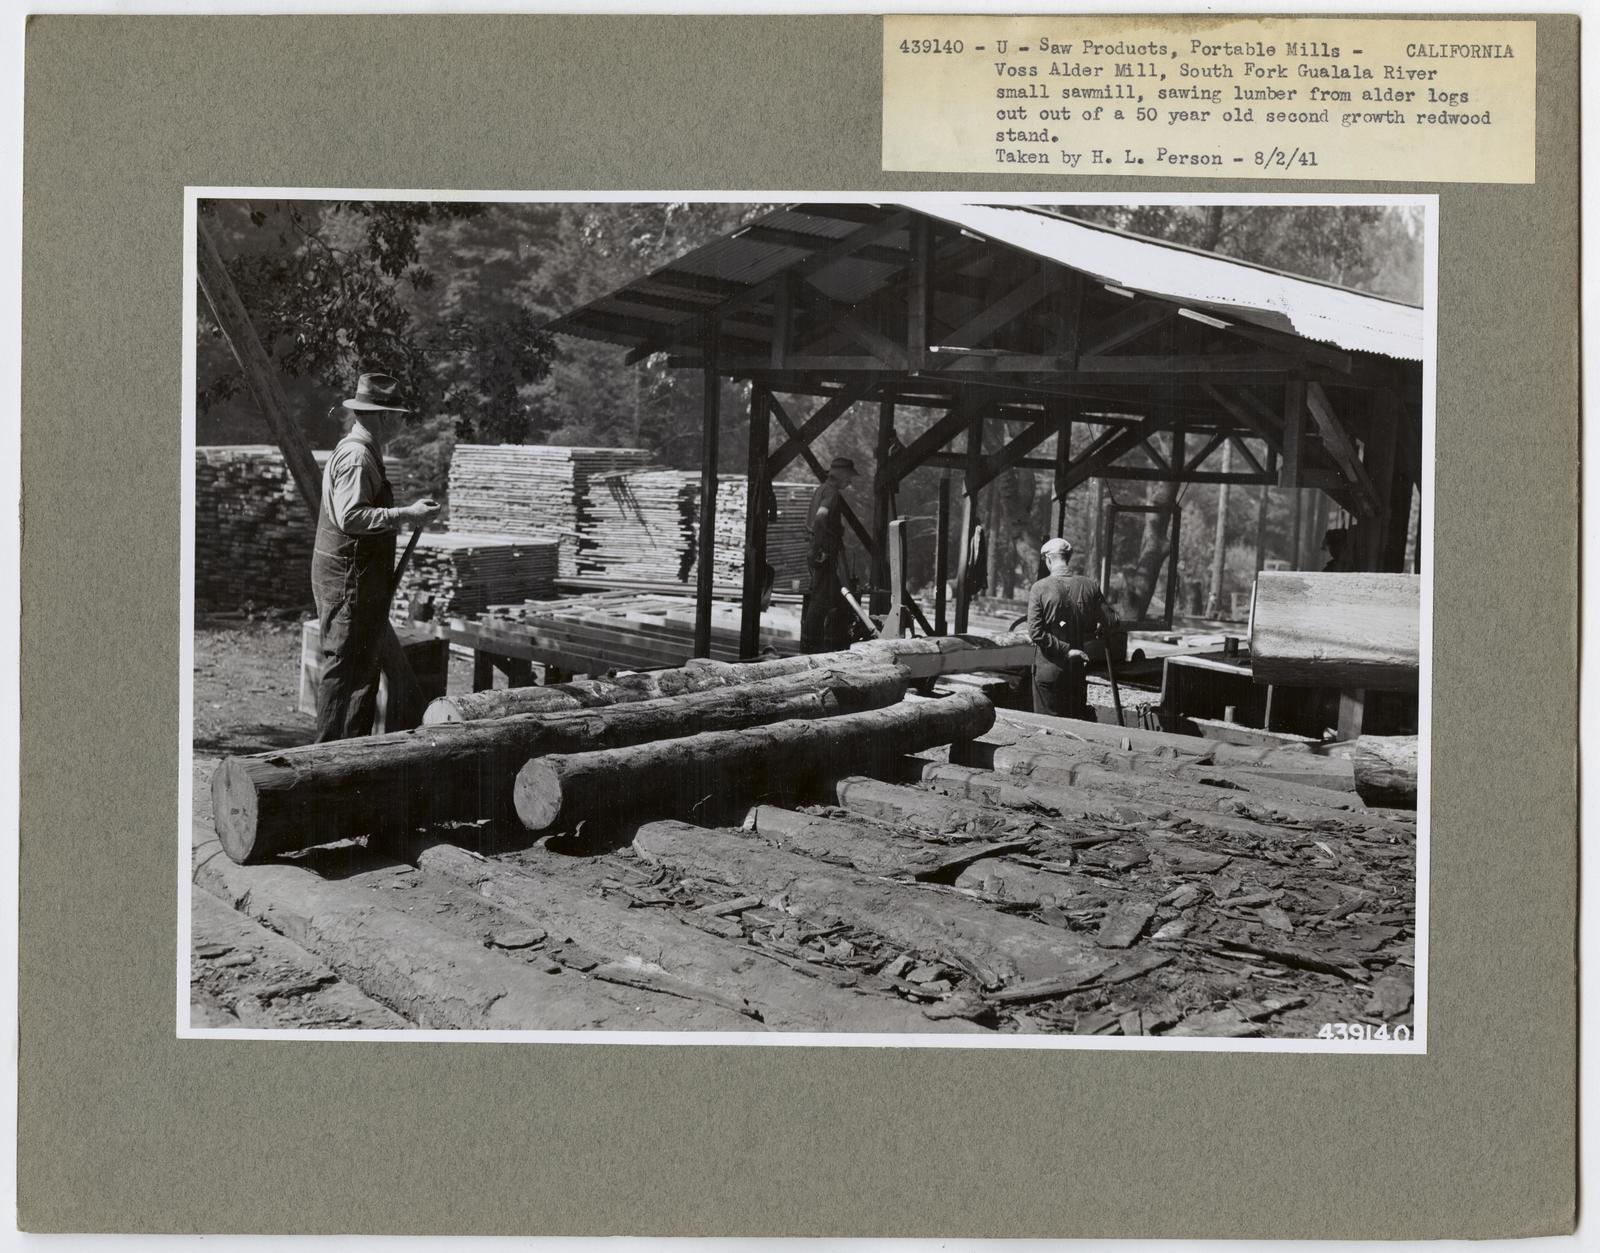 Small Sawmills - California